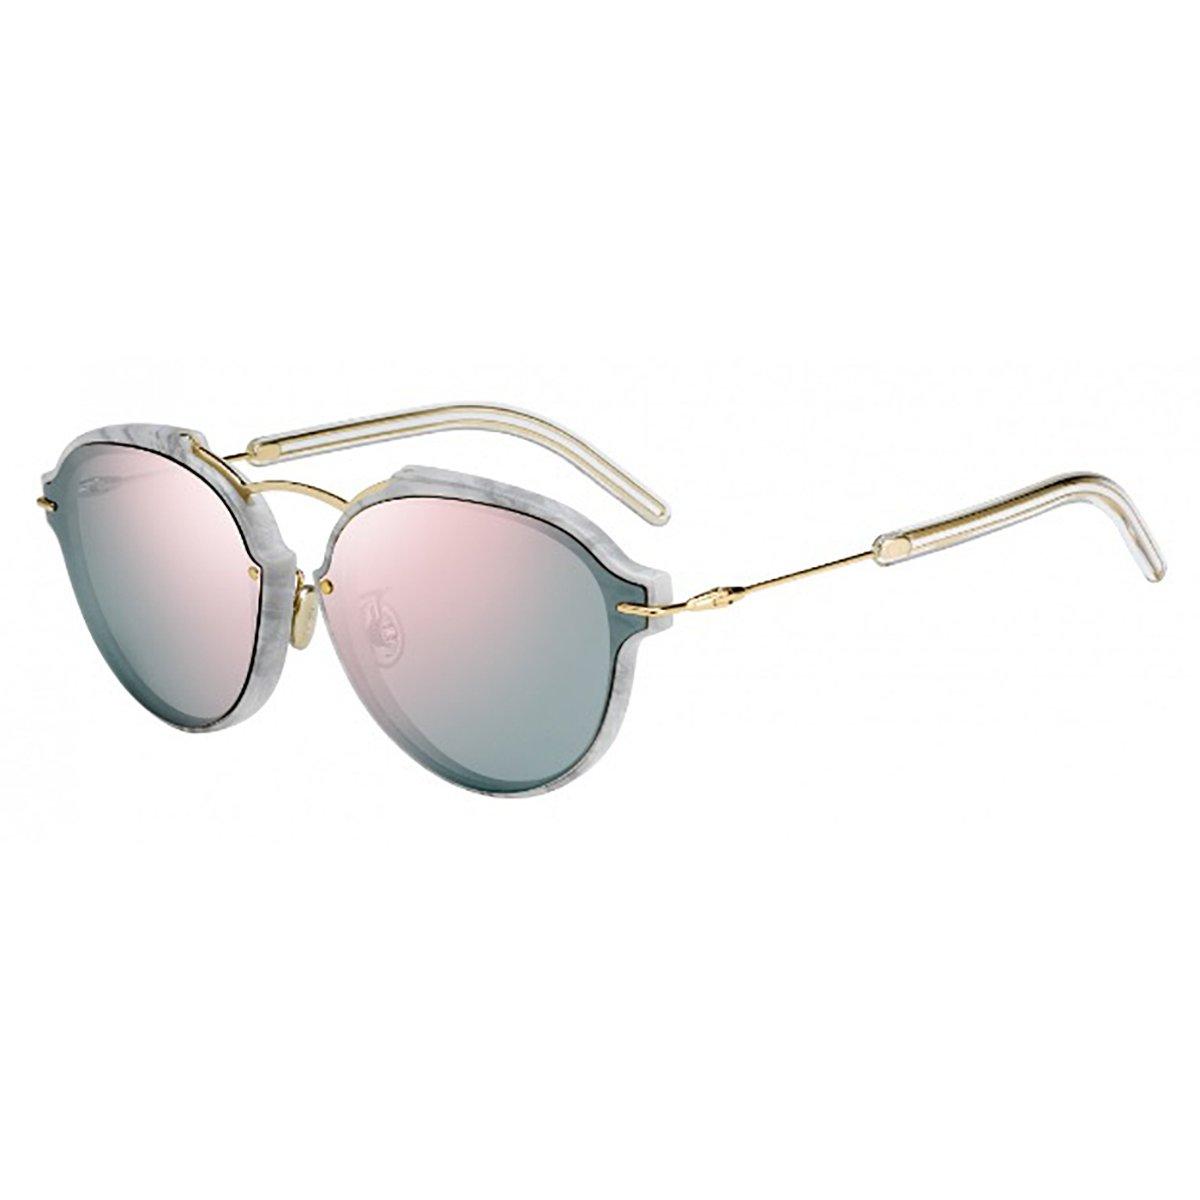 e4f472503b446 Compre Óculos de Sol Dior Eclat em 10X   Tri-Jóia Shop